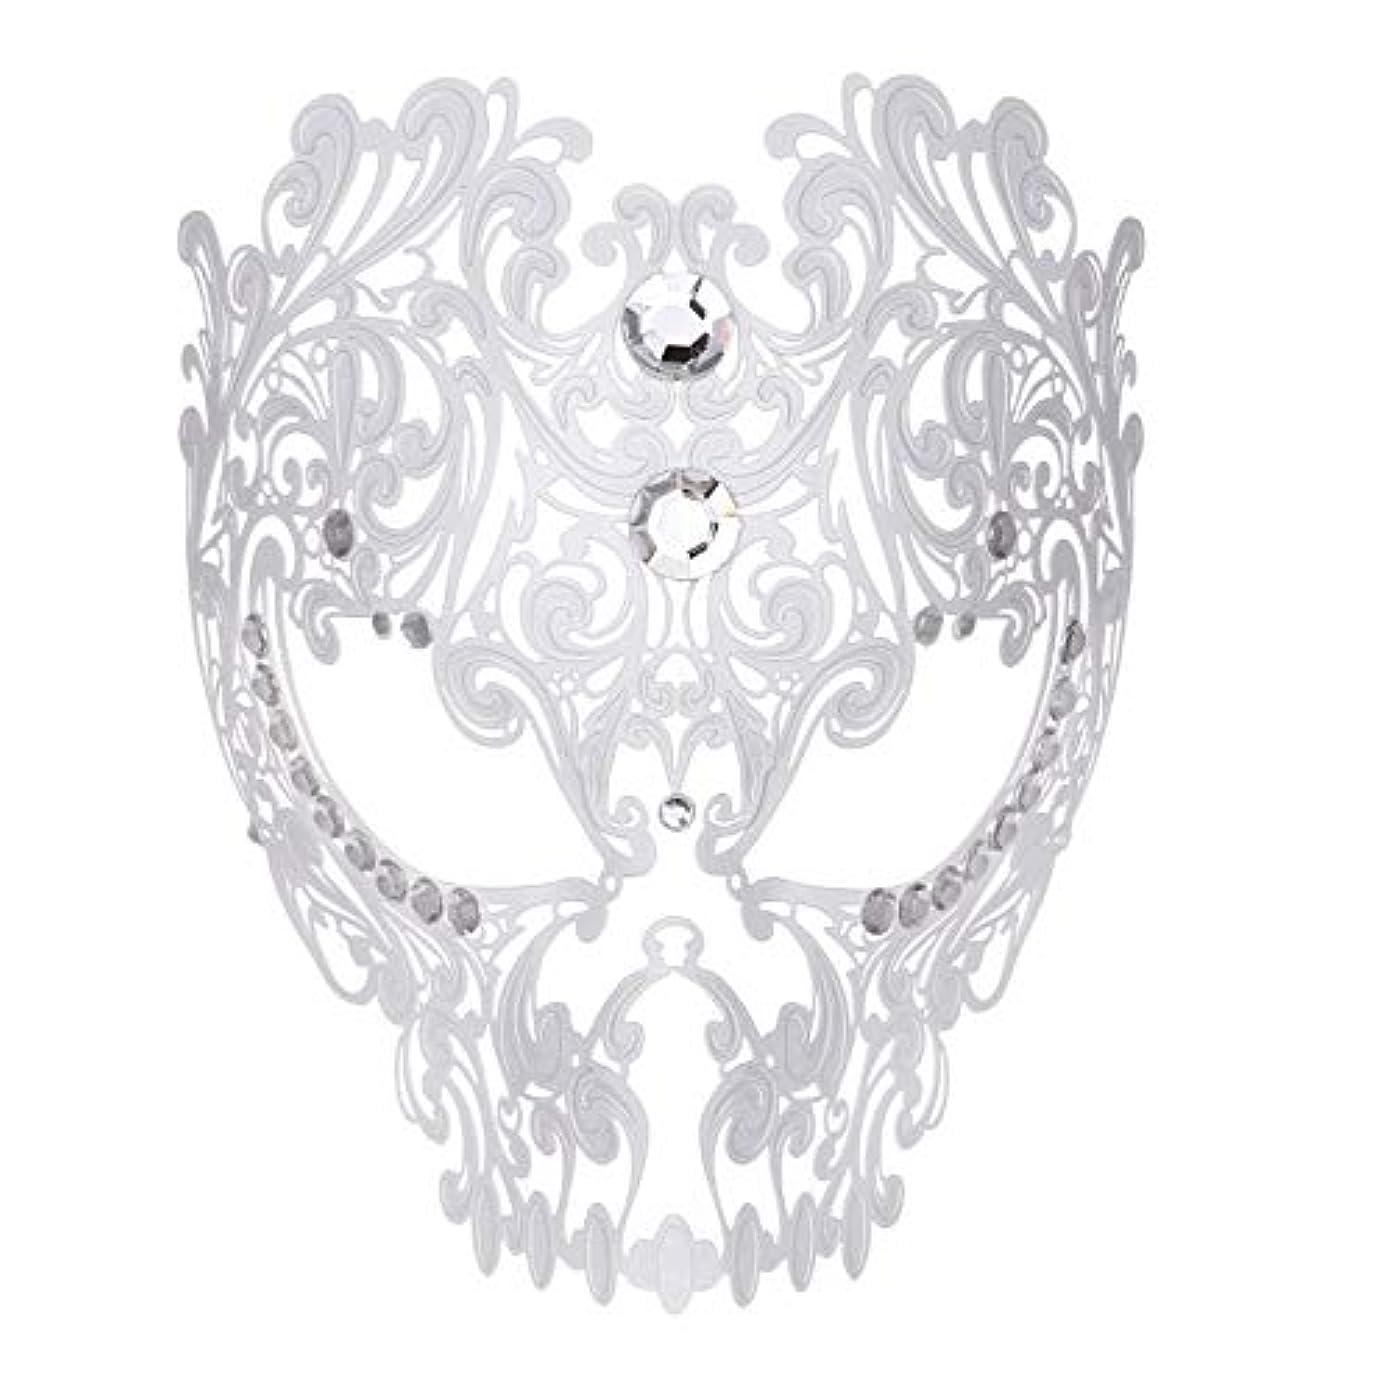 救出休憩する物質ダンスマスク フルフェイスエナメル金属象眼細工中空マスクナイトクラブパーティーロールプレイングマスカレードマスク ホリデーパーティー用品 (色 : 白, サイズ : Universal)